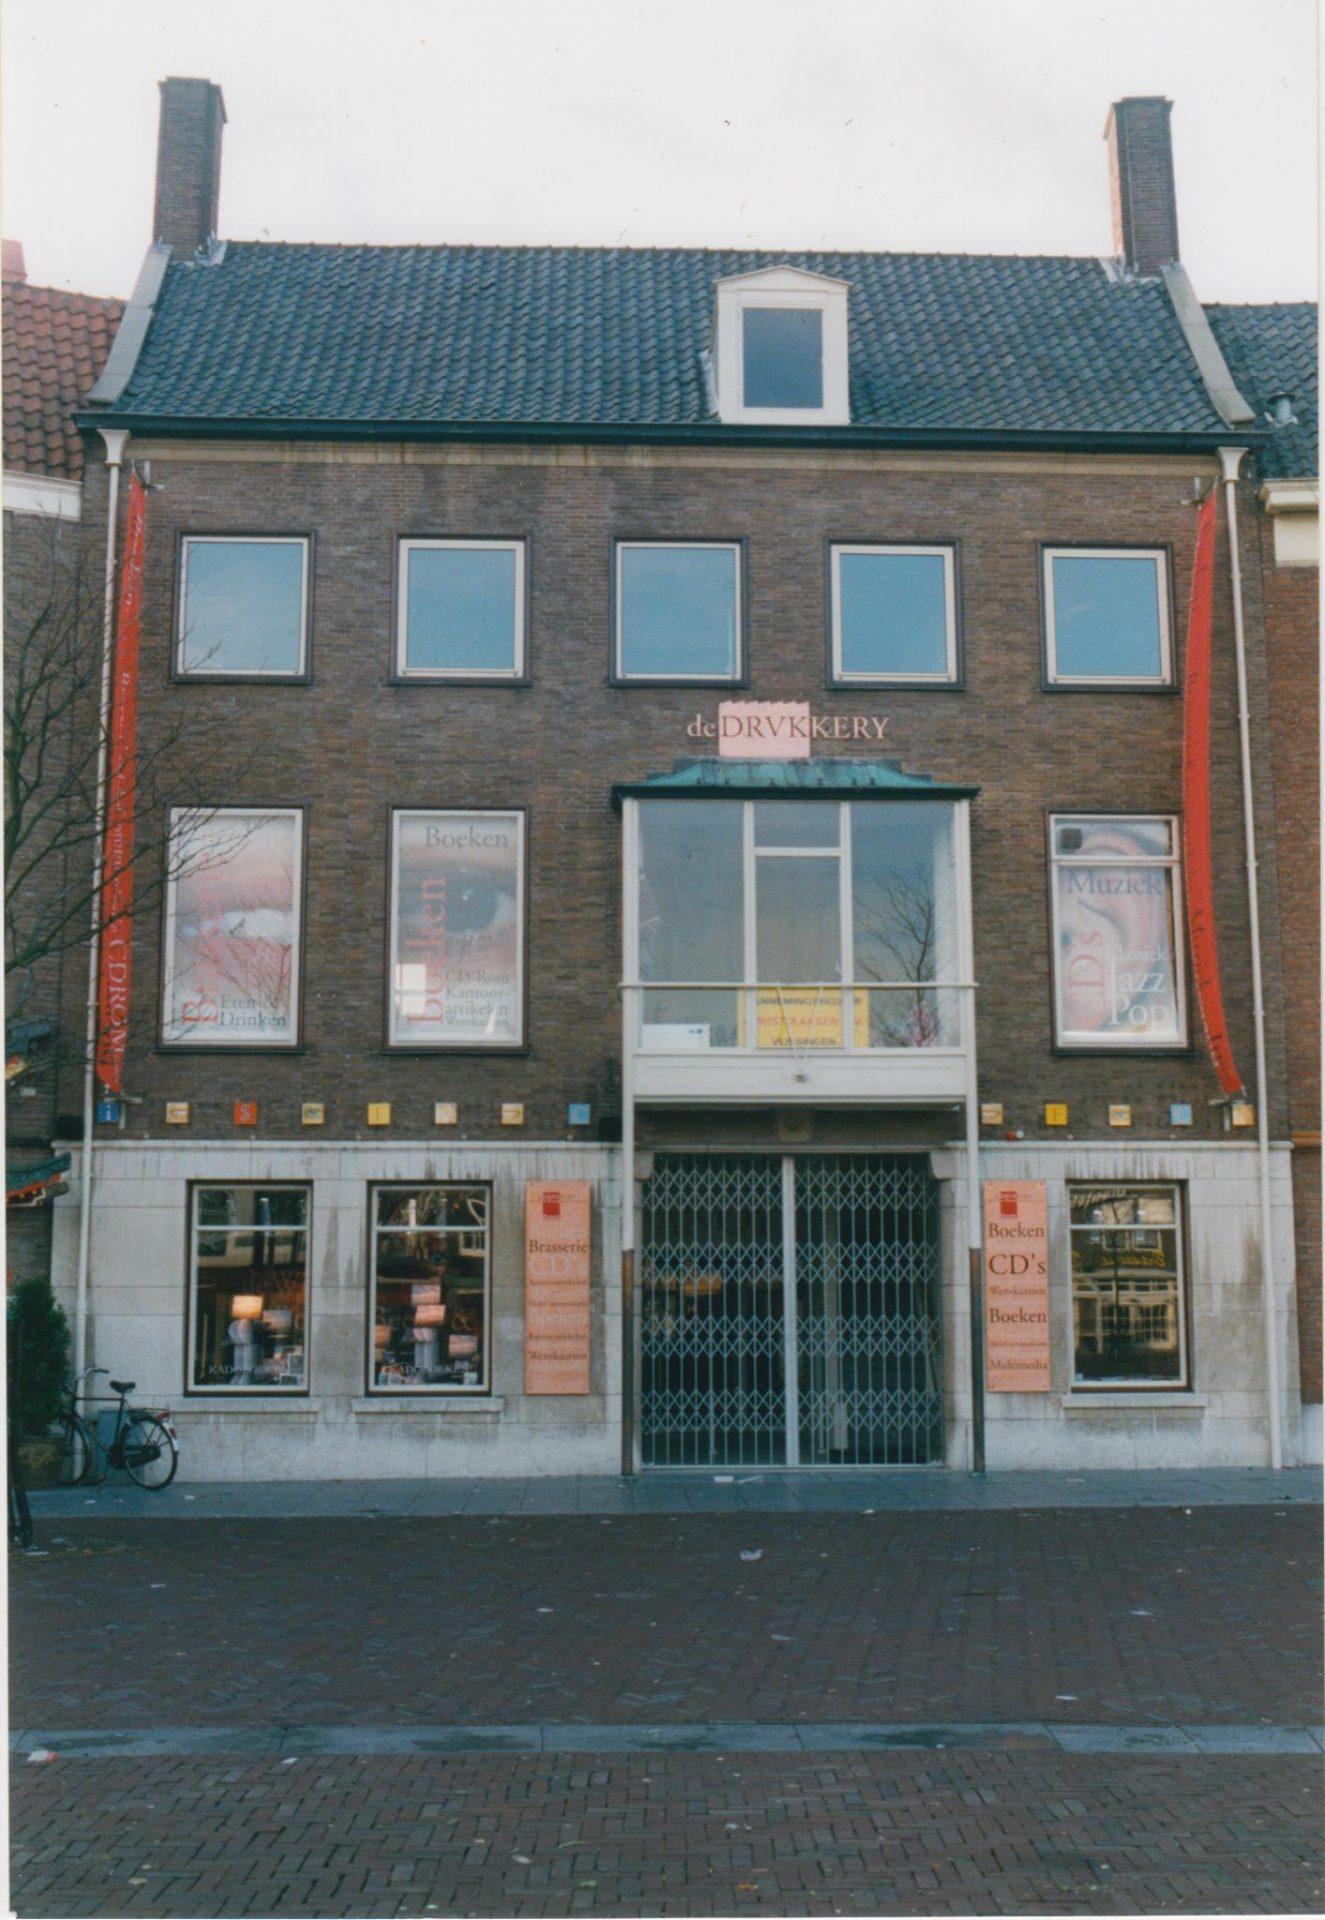 Afbeelding #000 voor het verhaal Over de Drvkkery in 1998 en muziek kopen in Middelburg vóór die tijd